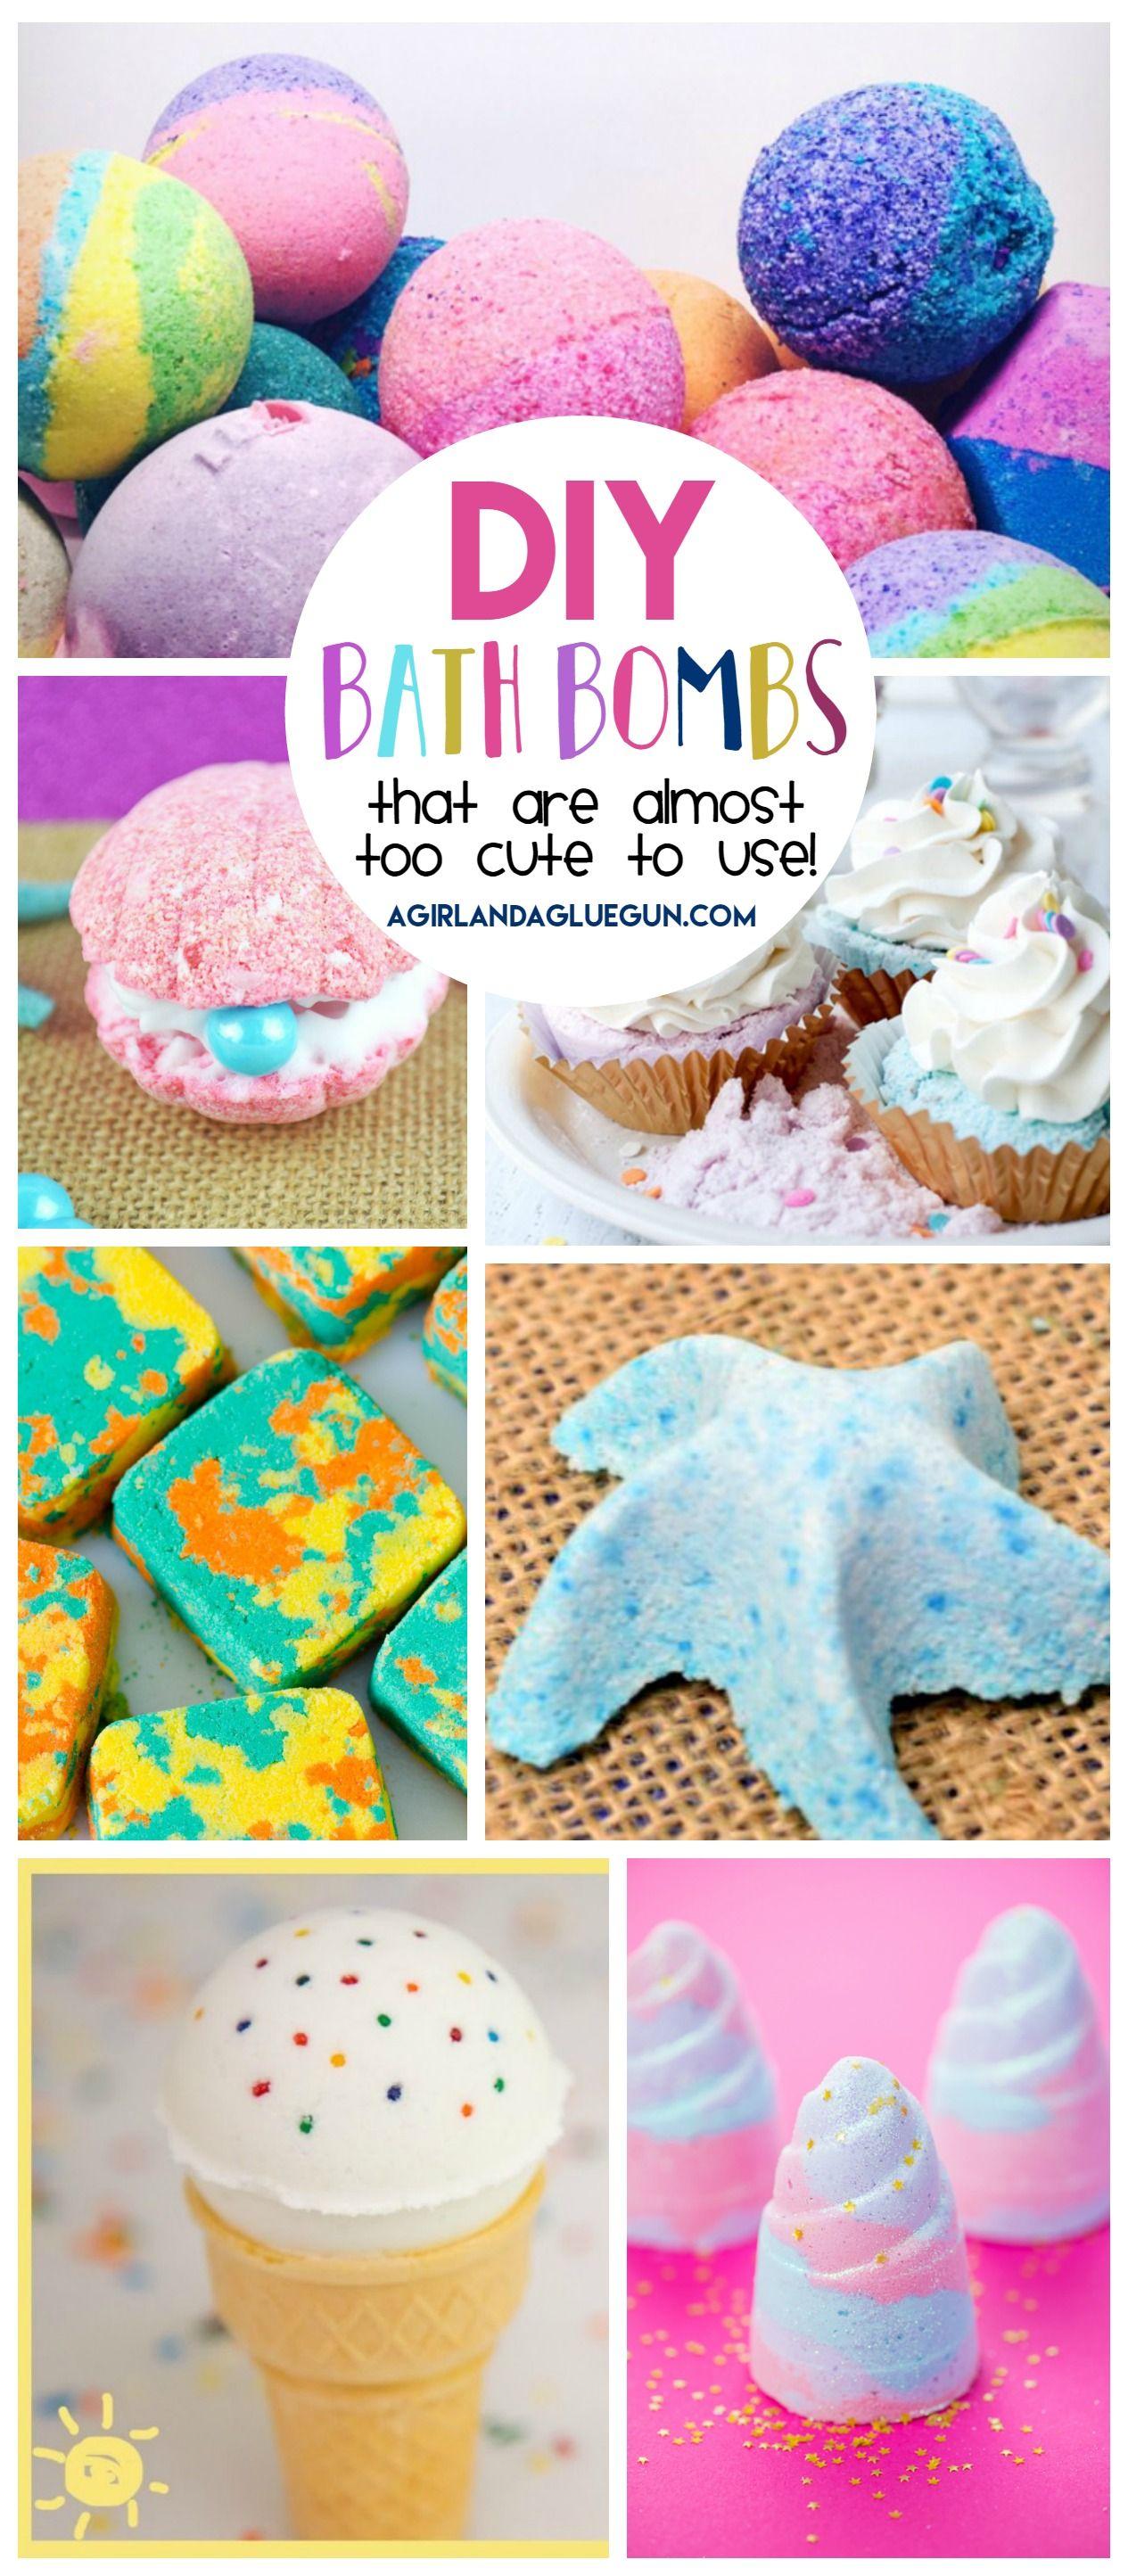 Fun Craft Ideas from agirlandagluegun.com 9